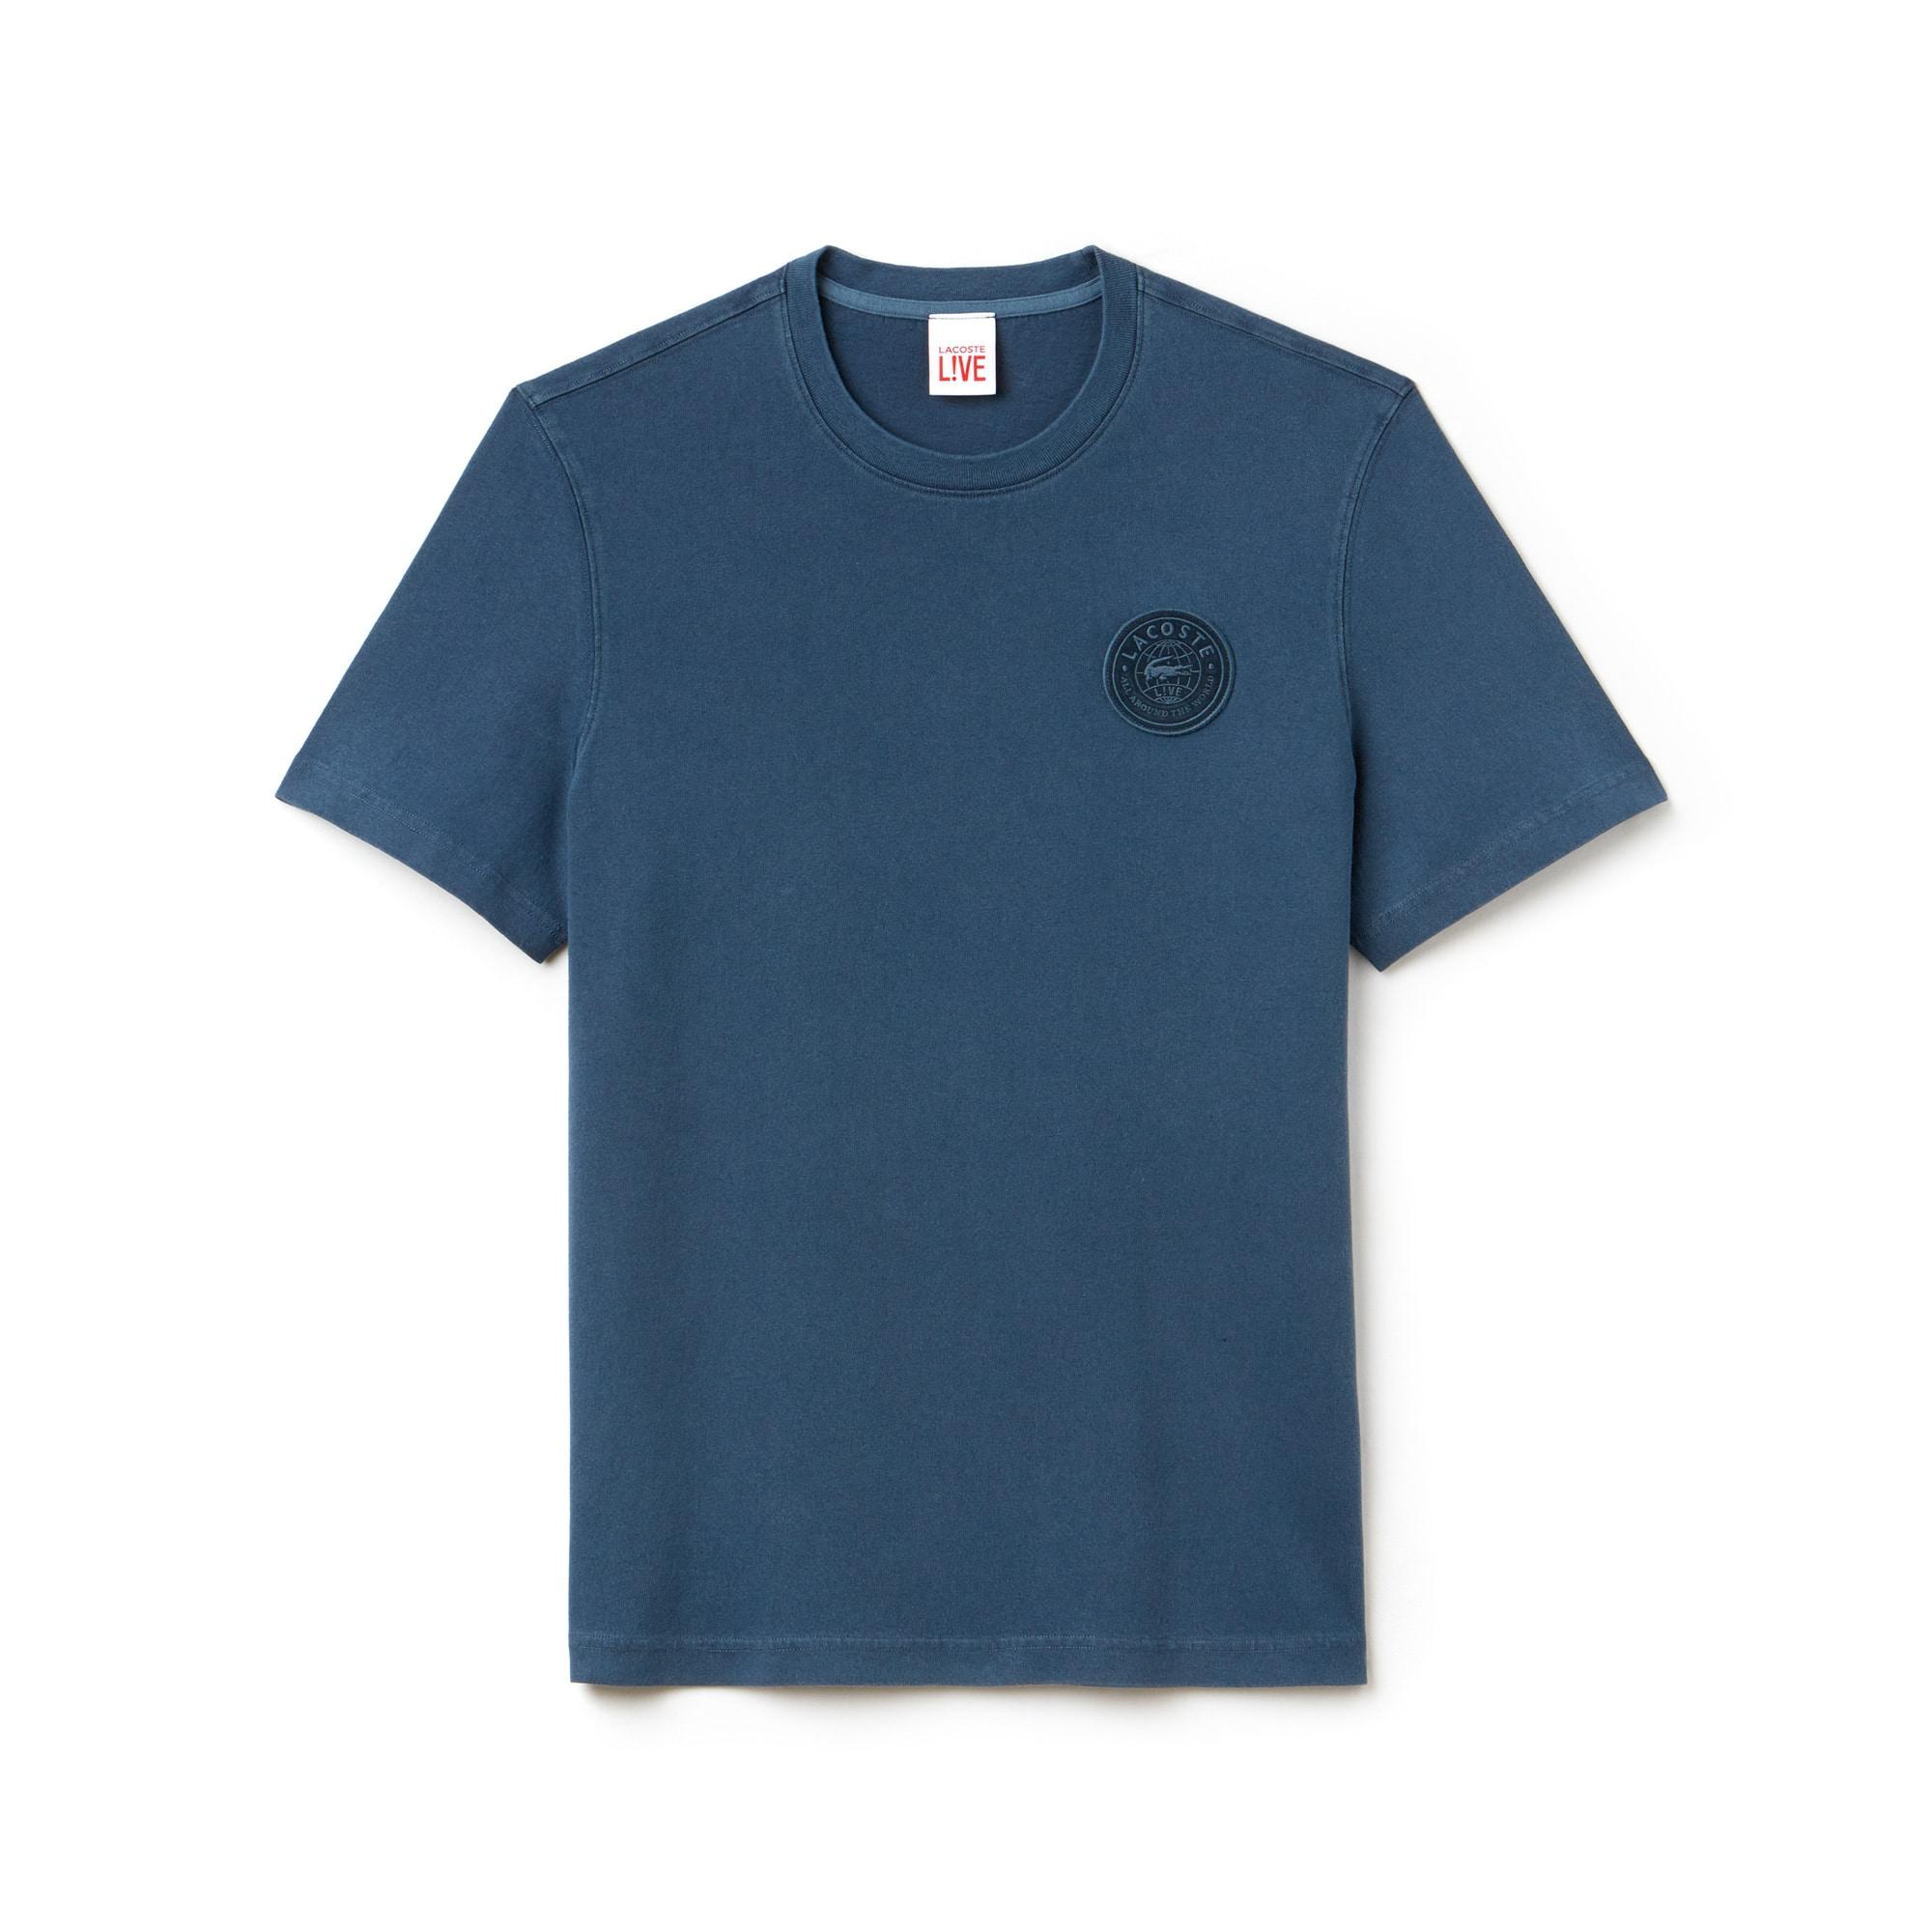 T-shirt decote redondo Lacoste LIVE em jersey desbotado com crachá